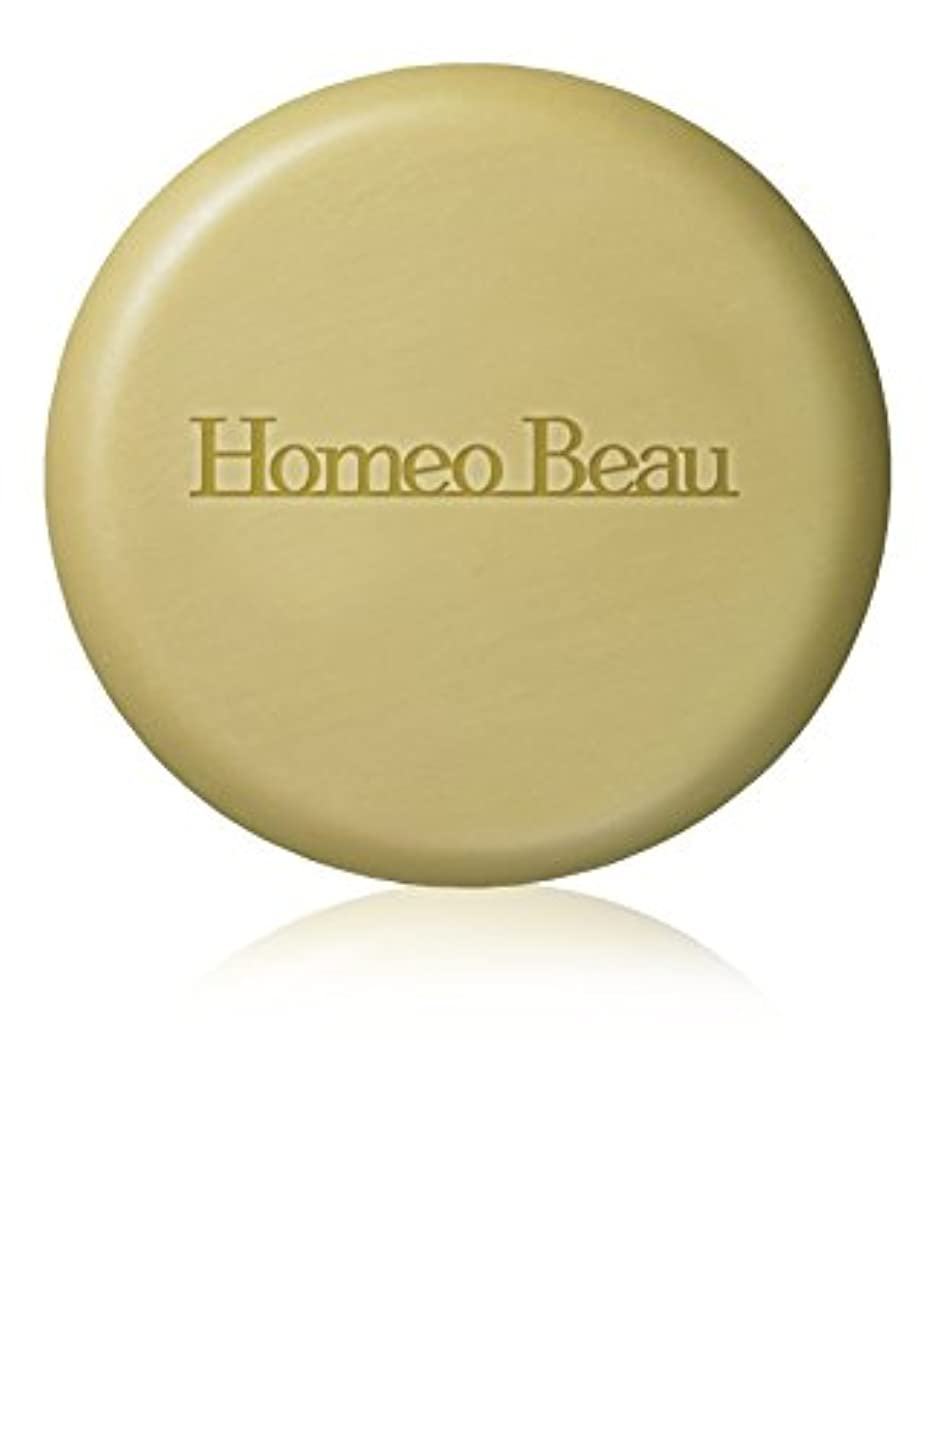 ライブクラウンティームホメオバウ(Homeo Beau) エッセンシャルソープ 100g